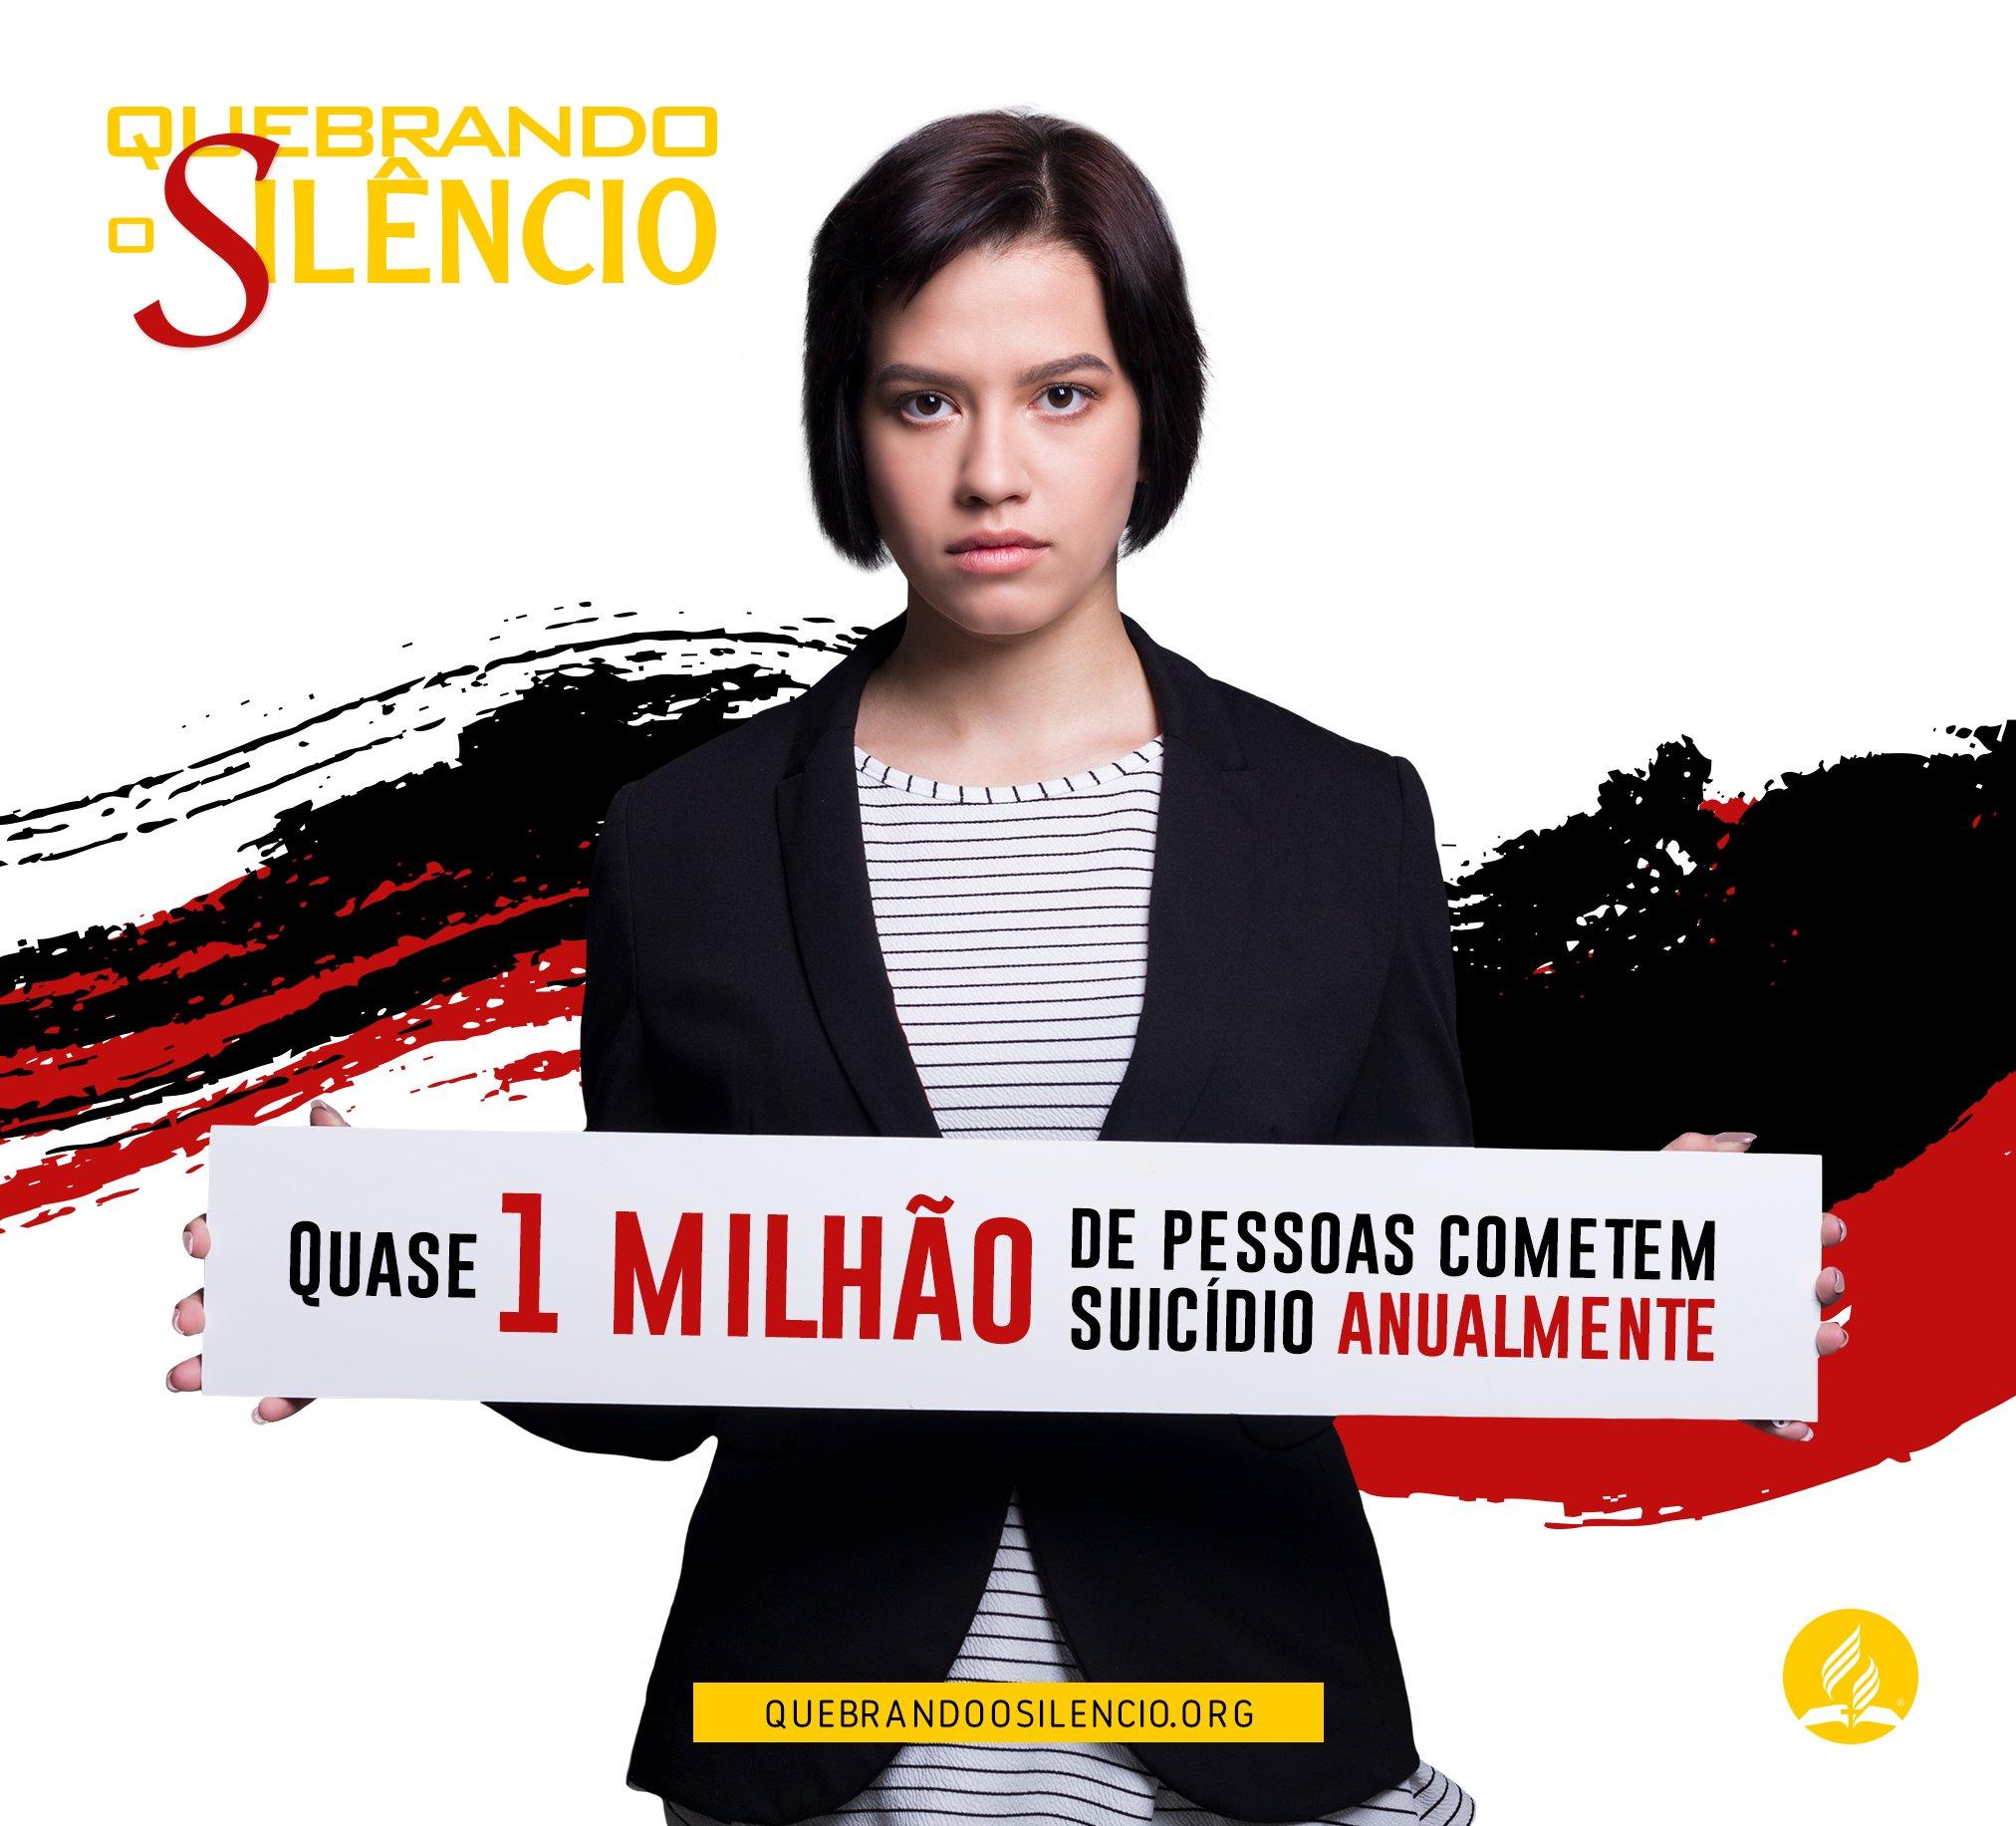 Quebrando O Silêncio - Magazine cover